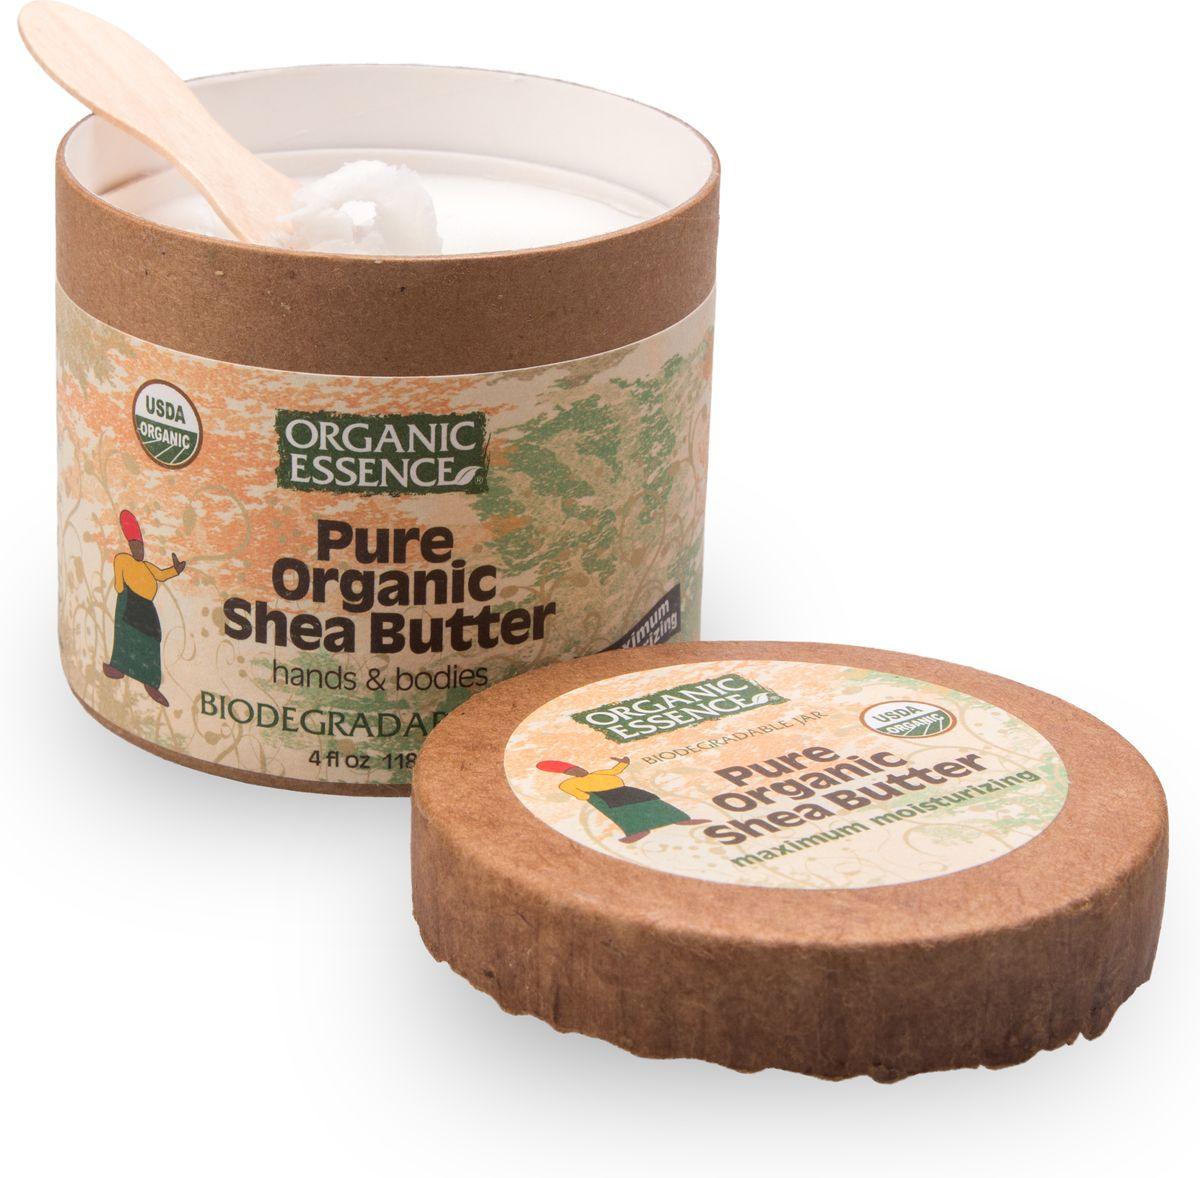 Organic Essence Чистое (100%) органическое масло Ши 114 г/118 млBCSHE100% органическое масло Ши произведено методом естественного холодного отжима из африканских орехов дерева Карите. Масло Ши улучшает капиллярное кровообращение, является превосходным целителем и омолаживающим средством для проблемной, сухой или возрастной кожи. 100% органическое масло Ши Organic Essence с естественным ароматом, без каких либо отдушек. Необыкновенная польза продукта достигается за счёт высокого содержания стеариновой и олеиновой жирных кислот. Эти жирные кислоты, увлажняя кожу, помогают сохранить надолго её эластичность. В производстве масла Ши не используются растворители или любые химические вещества, помогая сохранить высокие стандарты чистоты продукта с добавлением знака Baby Safe. USDA Organic сертифицированный продукт.